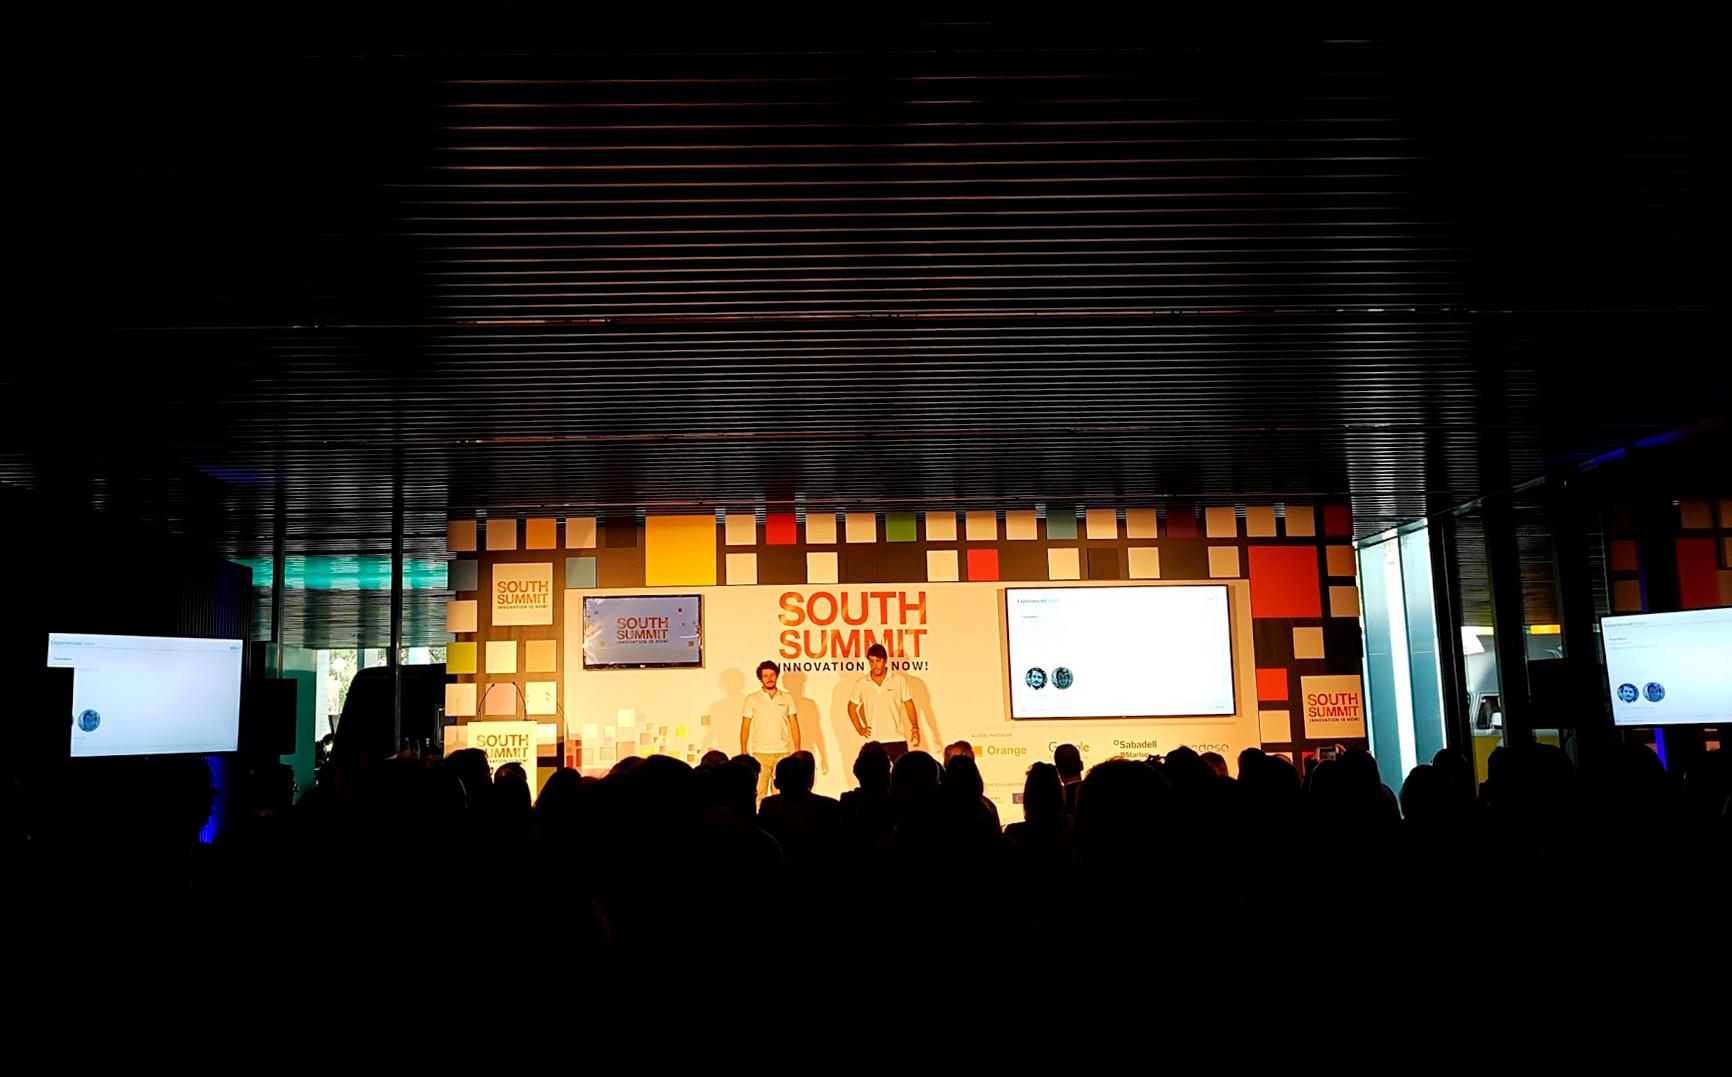 Imagen 6 del evento South Summit 2016 celebrado del 5 al 7 de octubre de 2016 en La Nave, Madrid